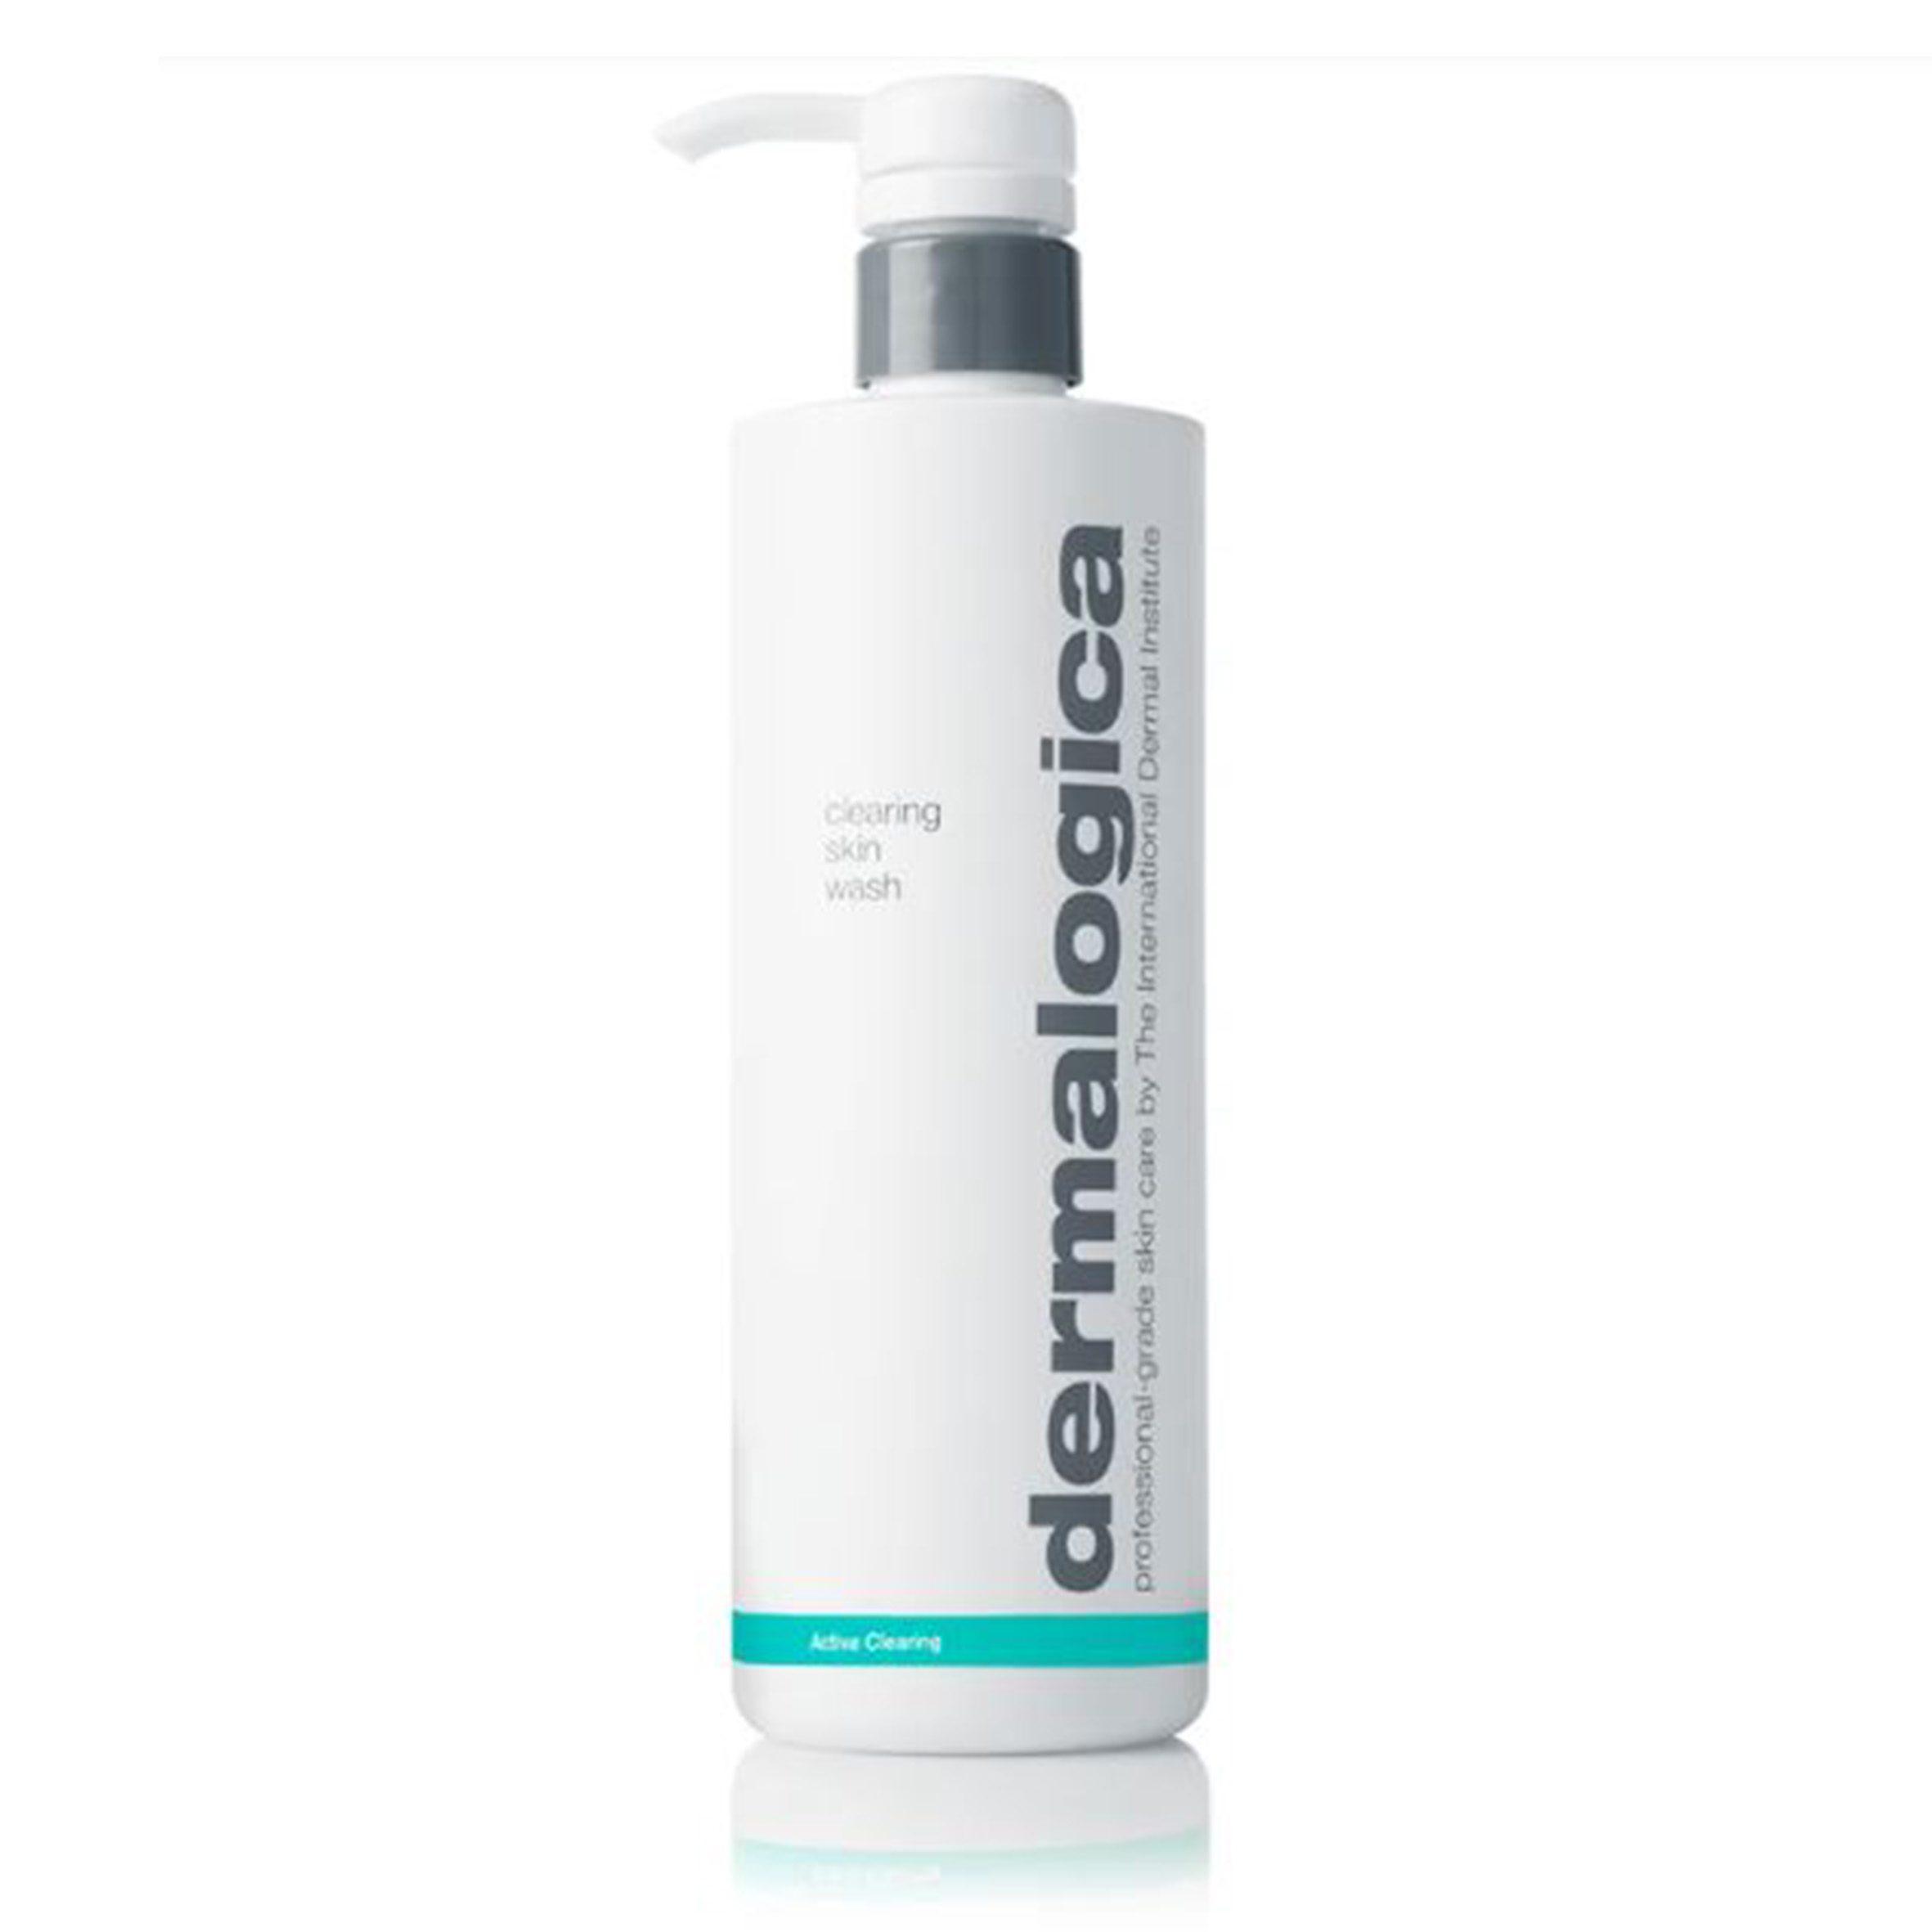 clearing skin wsh 500 ml